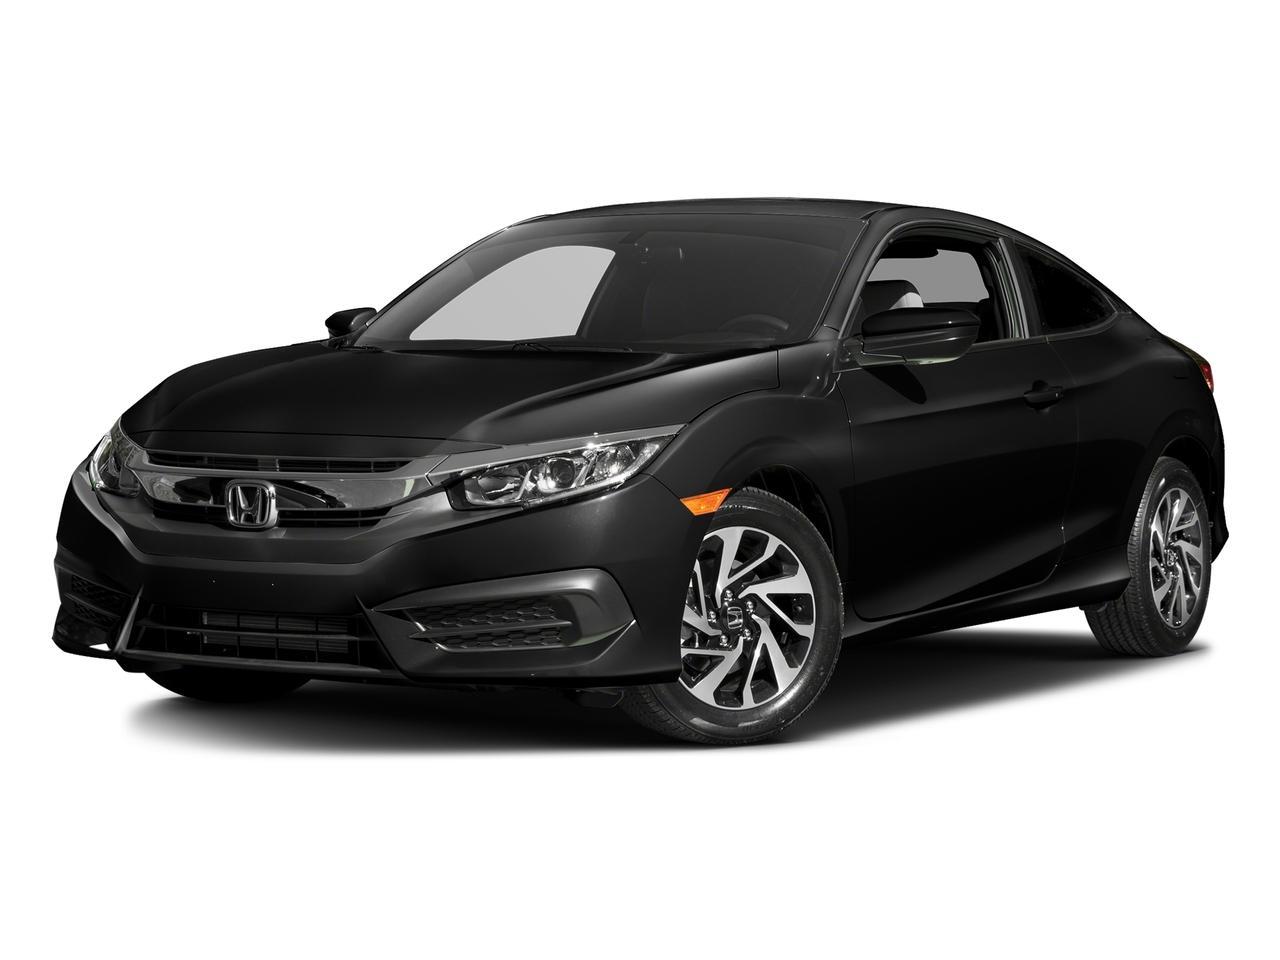 2016 Honda Civic Coupe Vehicle Photo in Spokane, WA 99207